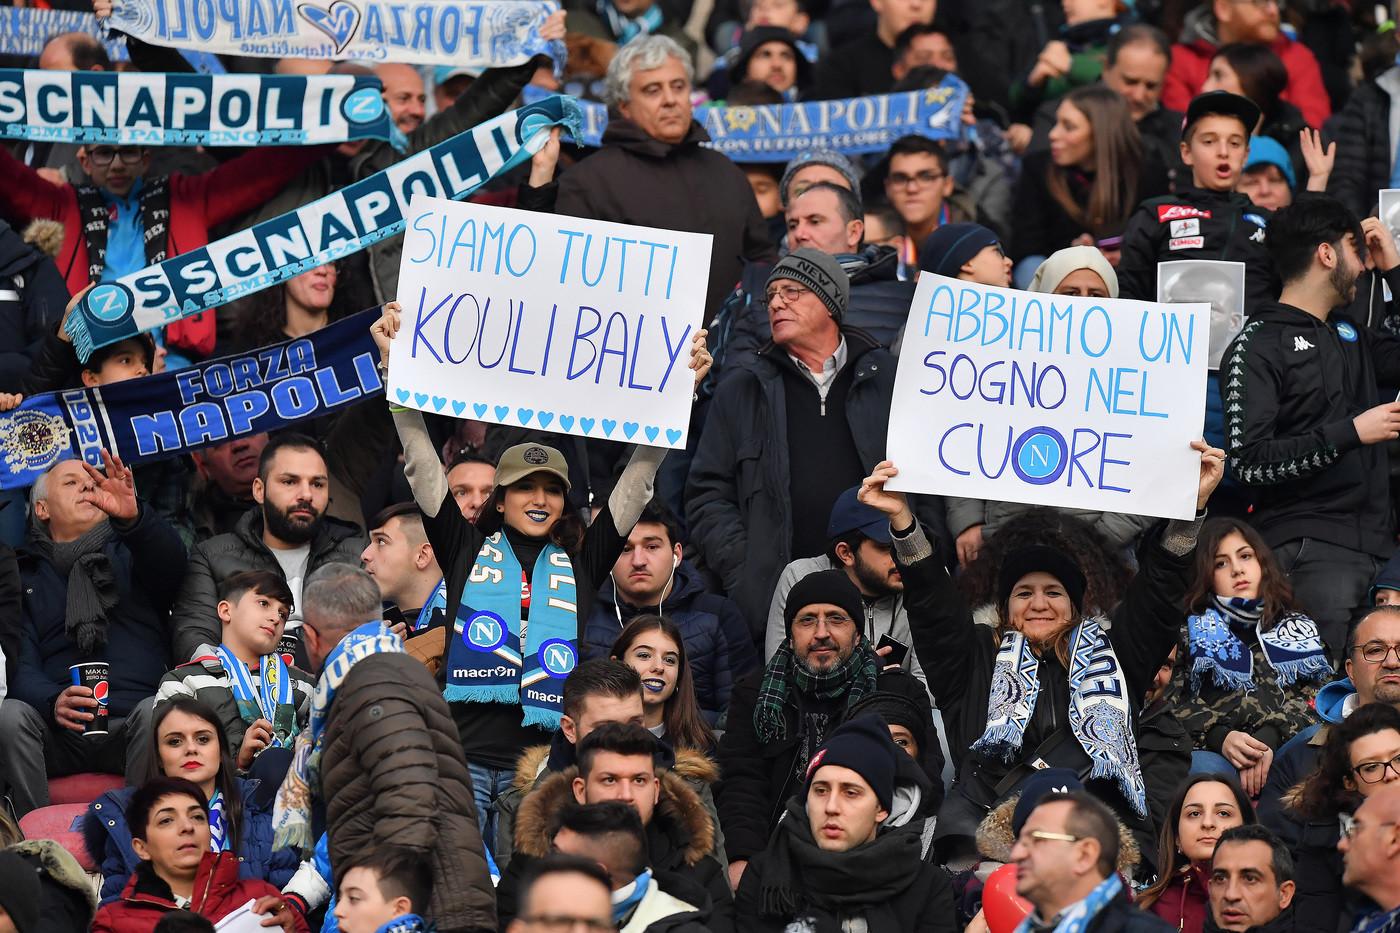 """Cori razzisti, al secondo episodio squadre negli spogliatoi. Salvini: """"Non facciamo ridere"""""""